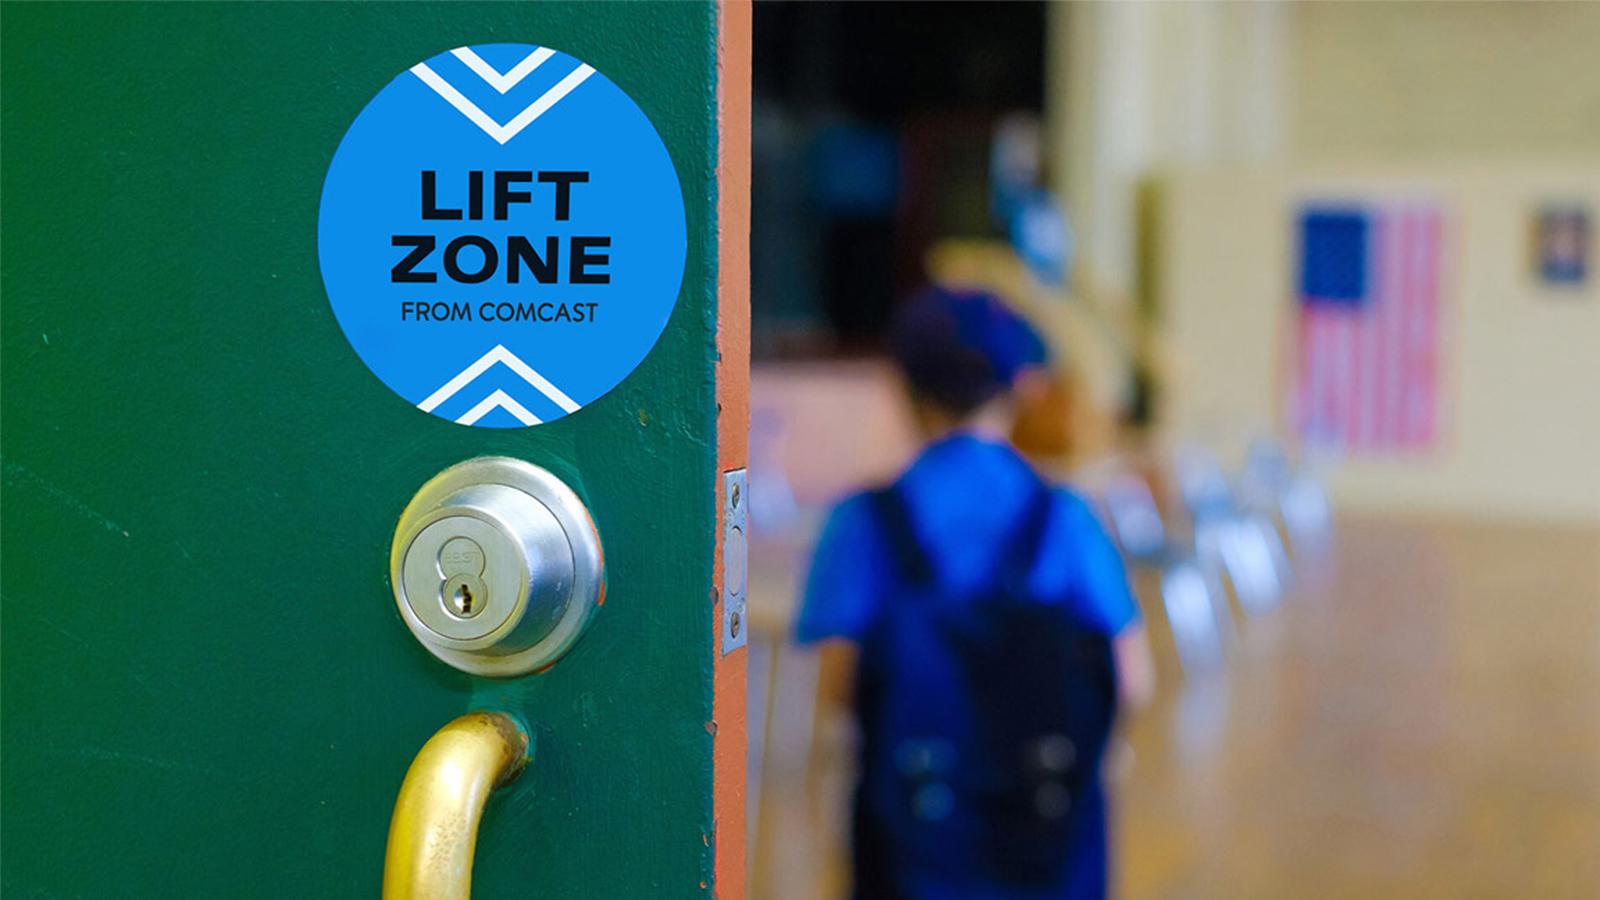 Comcast Lift Zone.